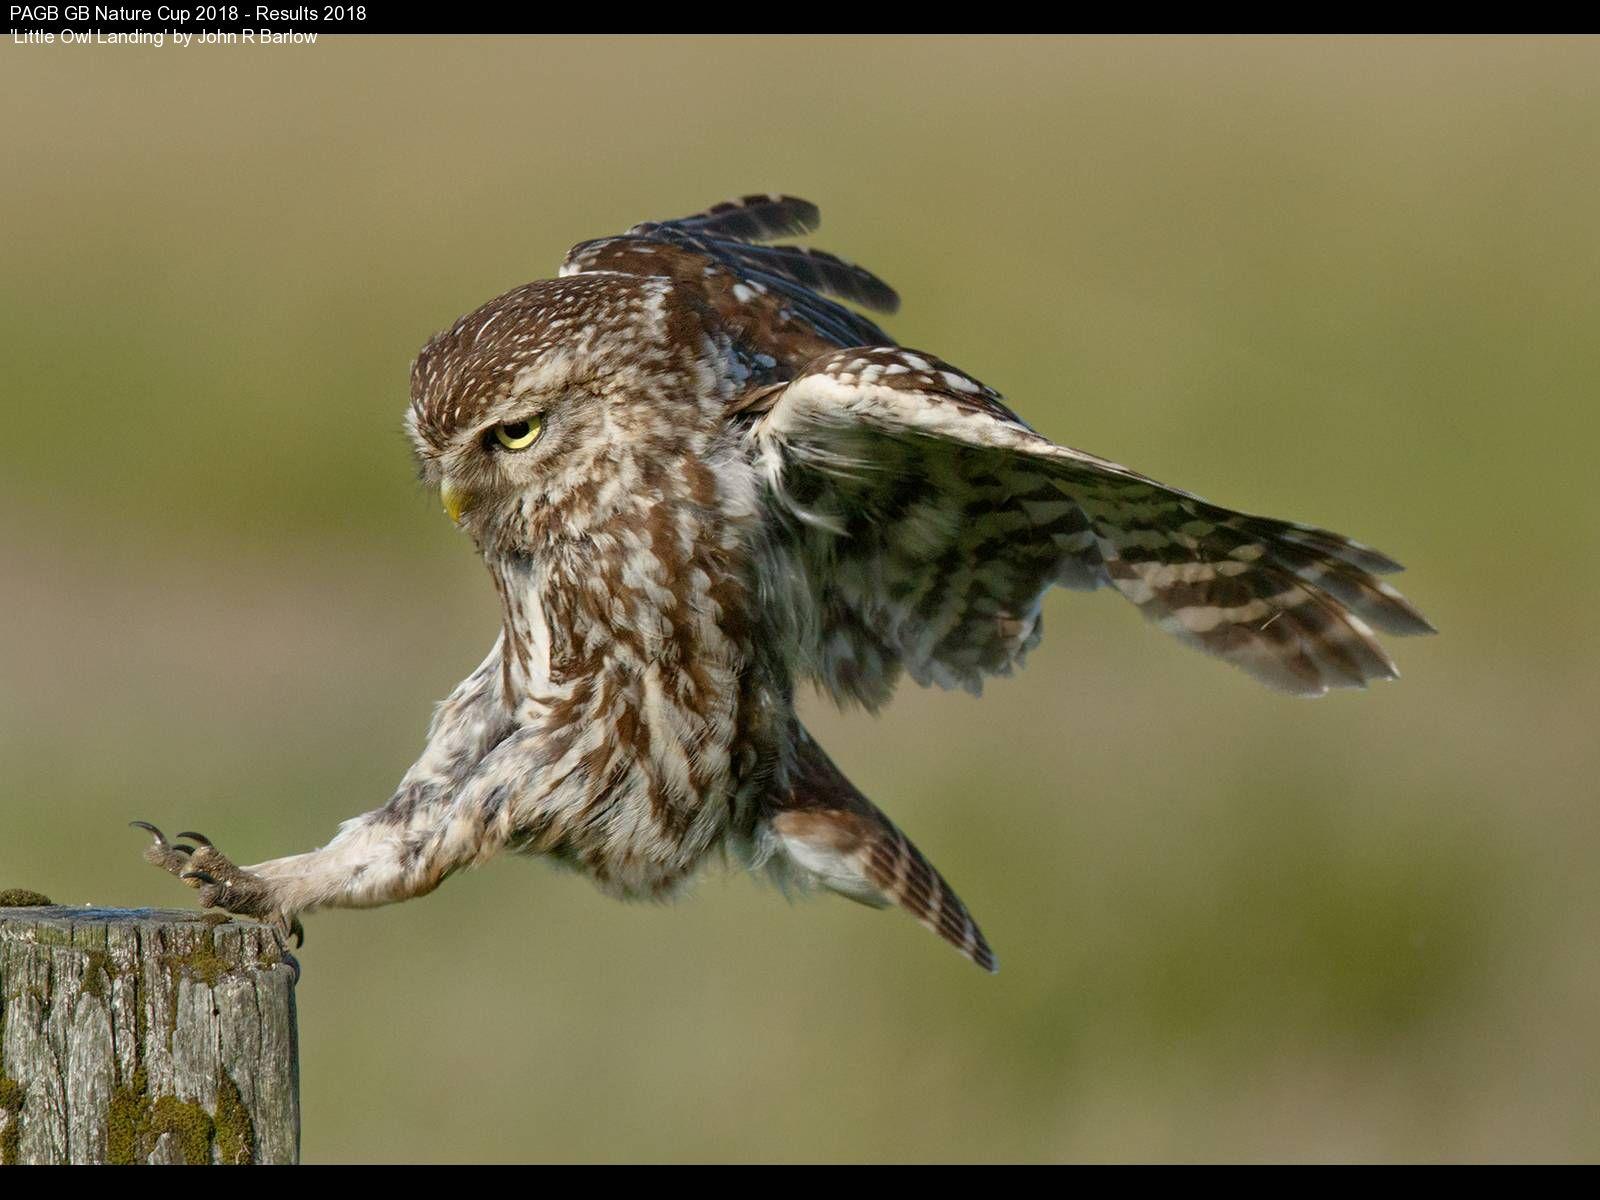 9369_John R Barlow_Little Owl Landing